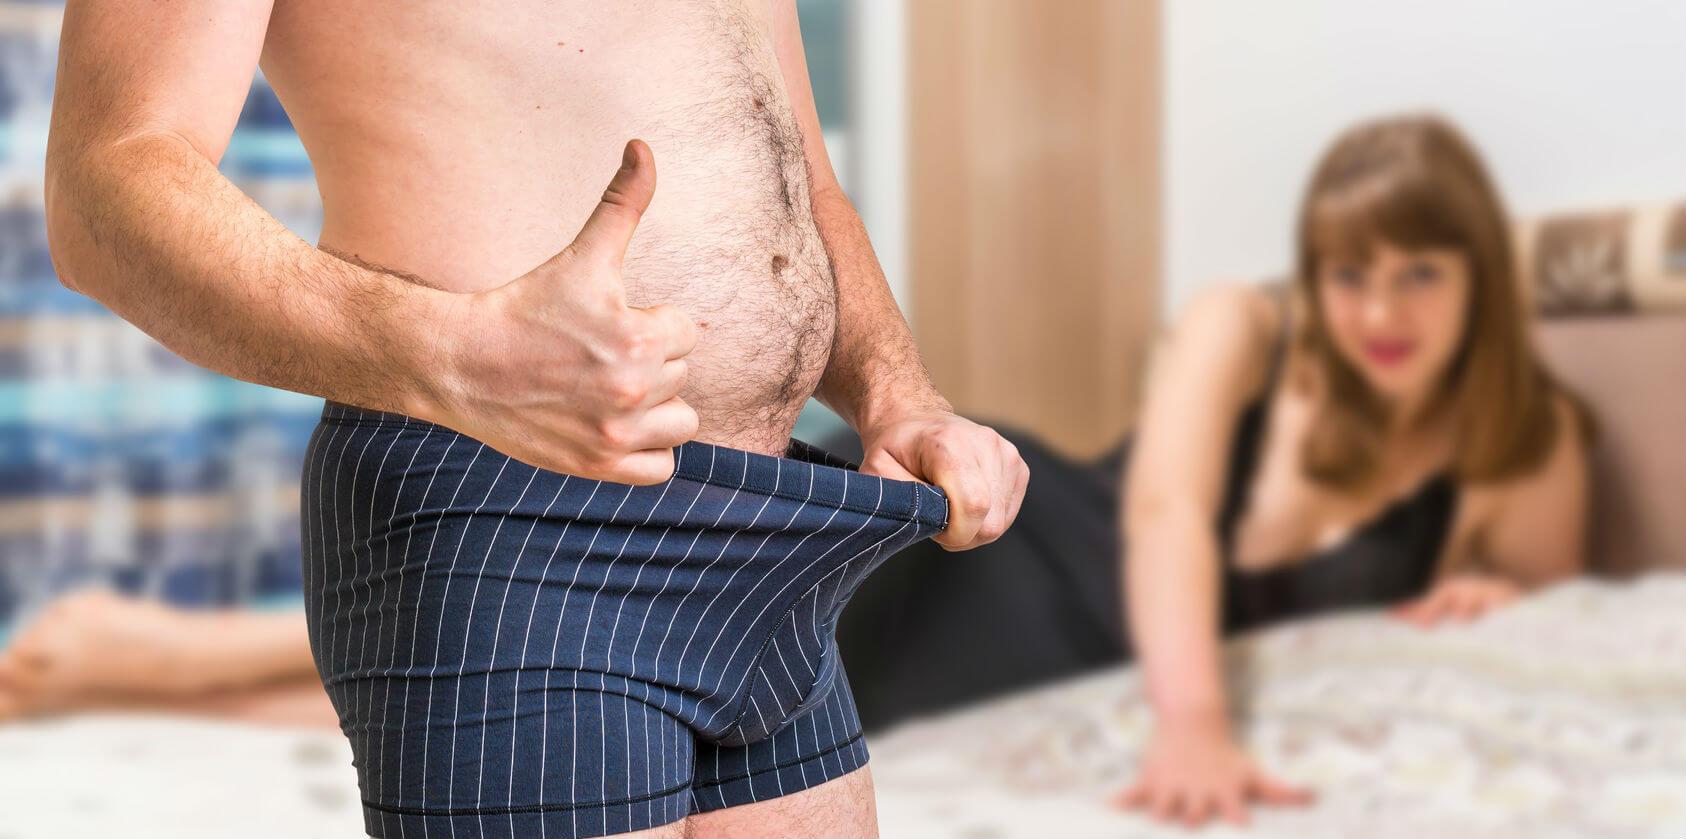 az erekció gyengülése férfi problémák a péniszen